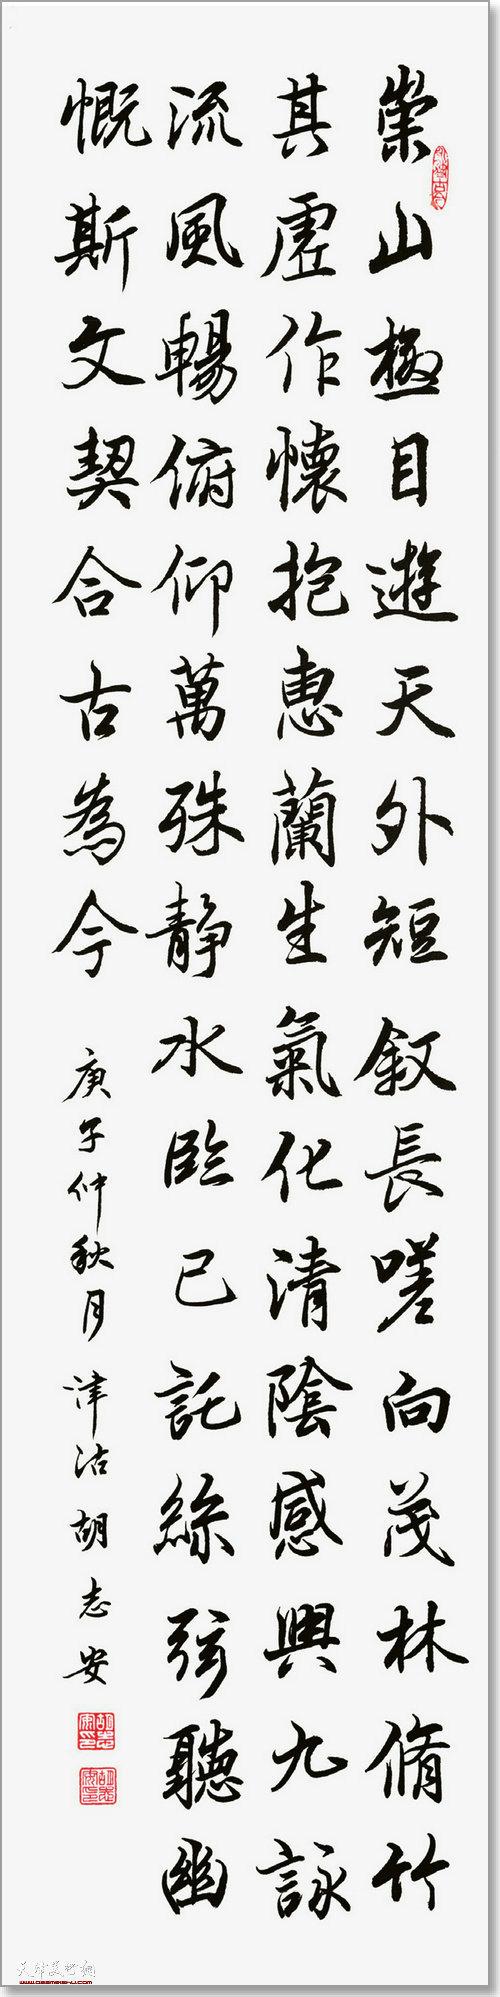 胡志安作品:集字贴